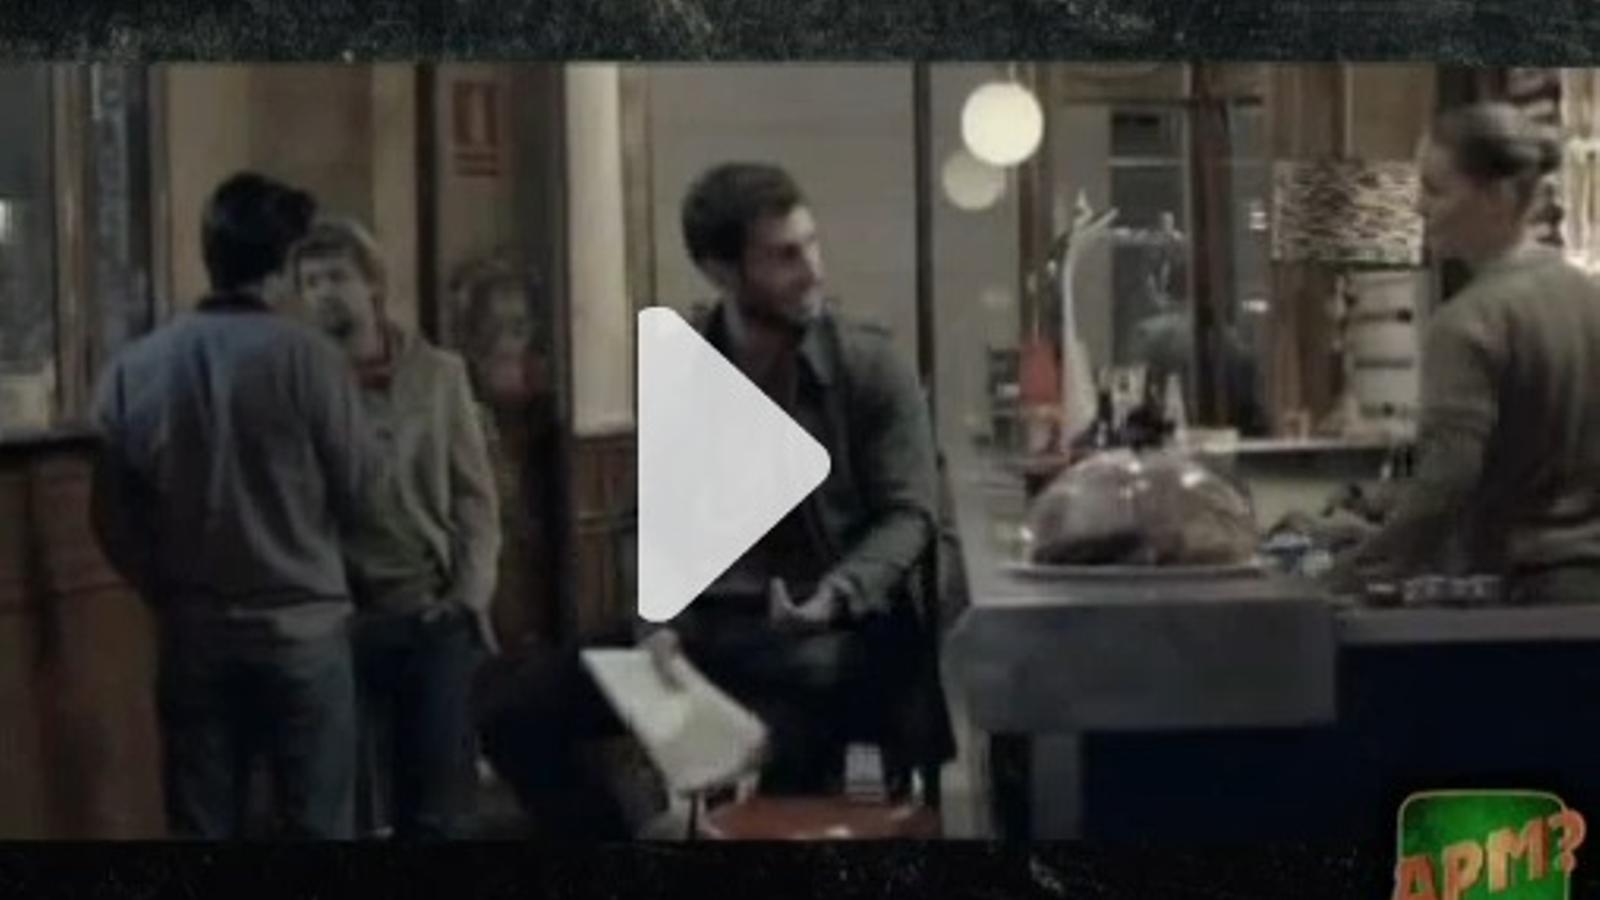 L'anunci de Damm, parodiat per l'APM?